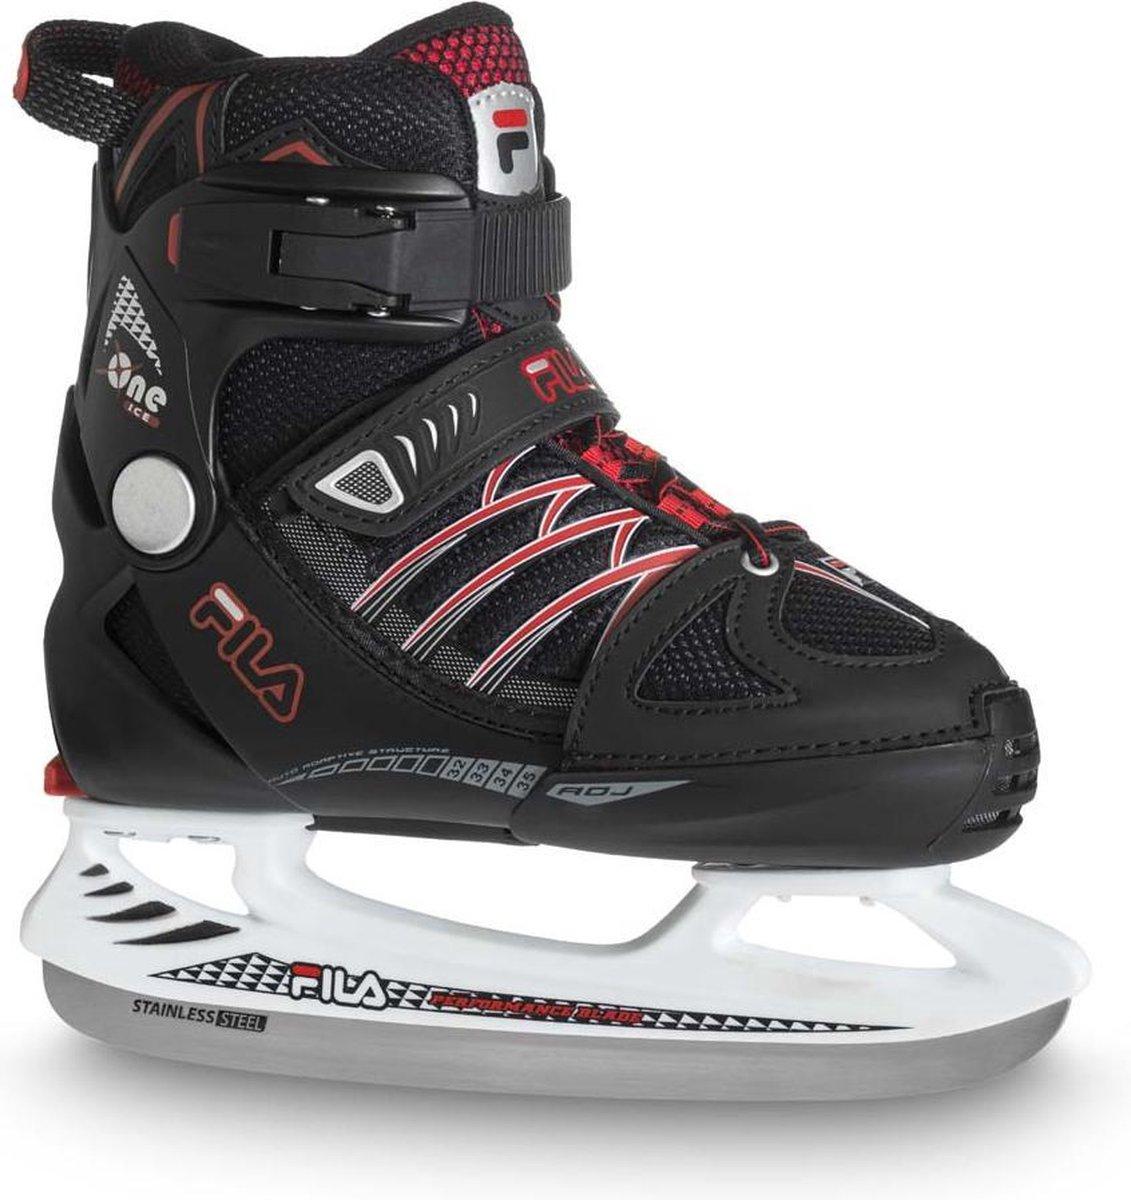 Fila - X-one ice 20 boy- Schaatsen voor kinderen - Maat 35-38 - Rood - IJshockeyschaats voor kinderen